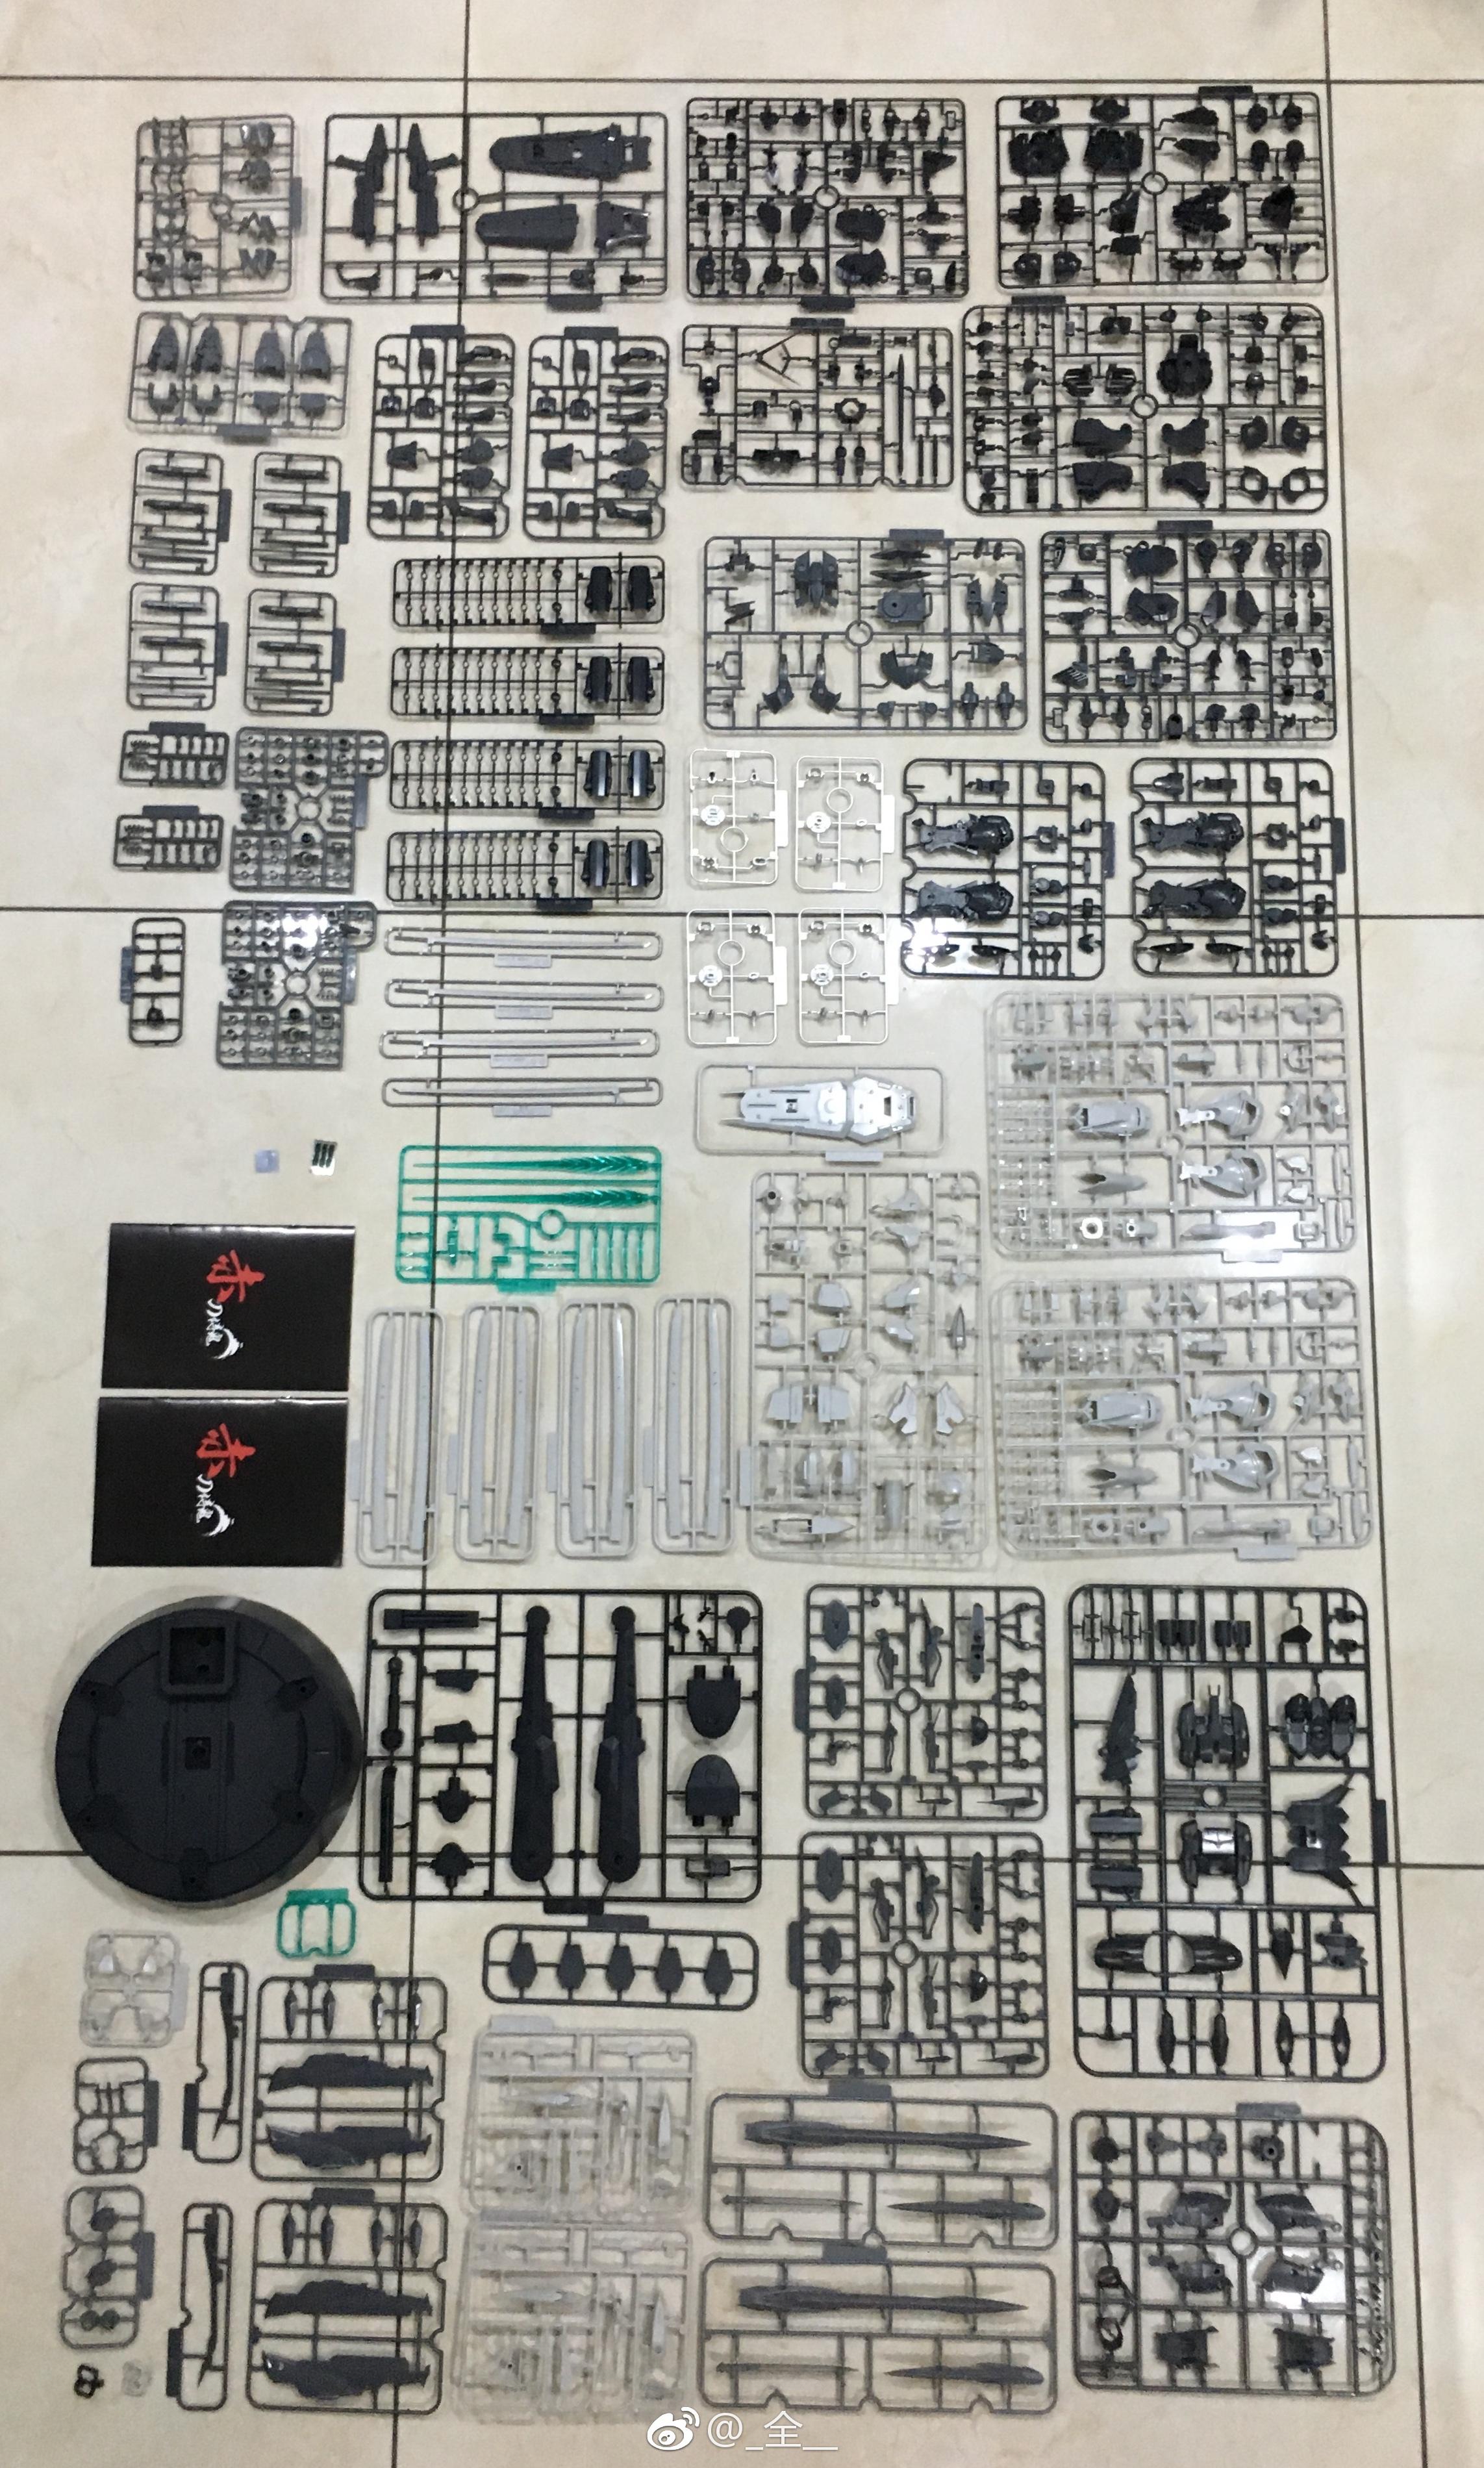 680e9295gy1fygfynq133j21rh2xke82.jpg